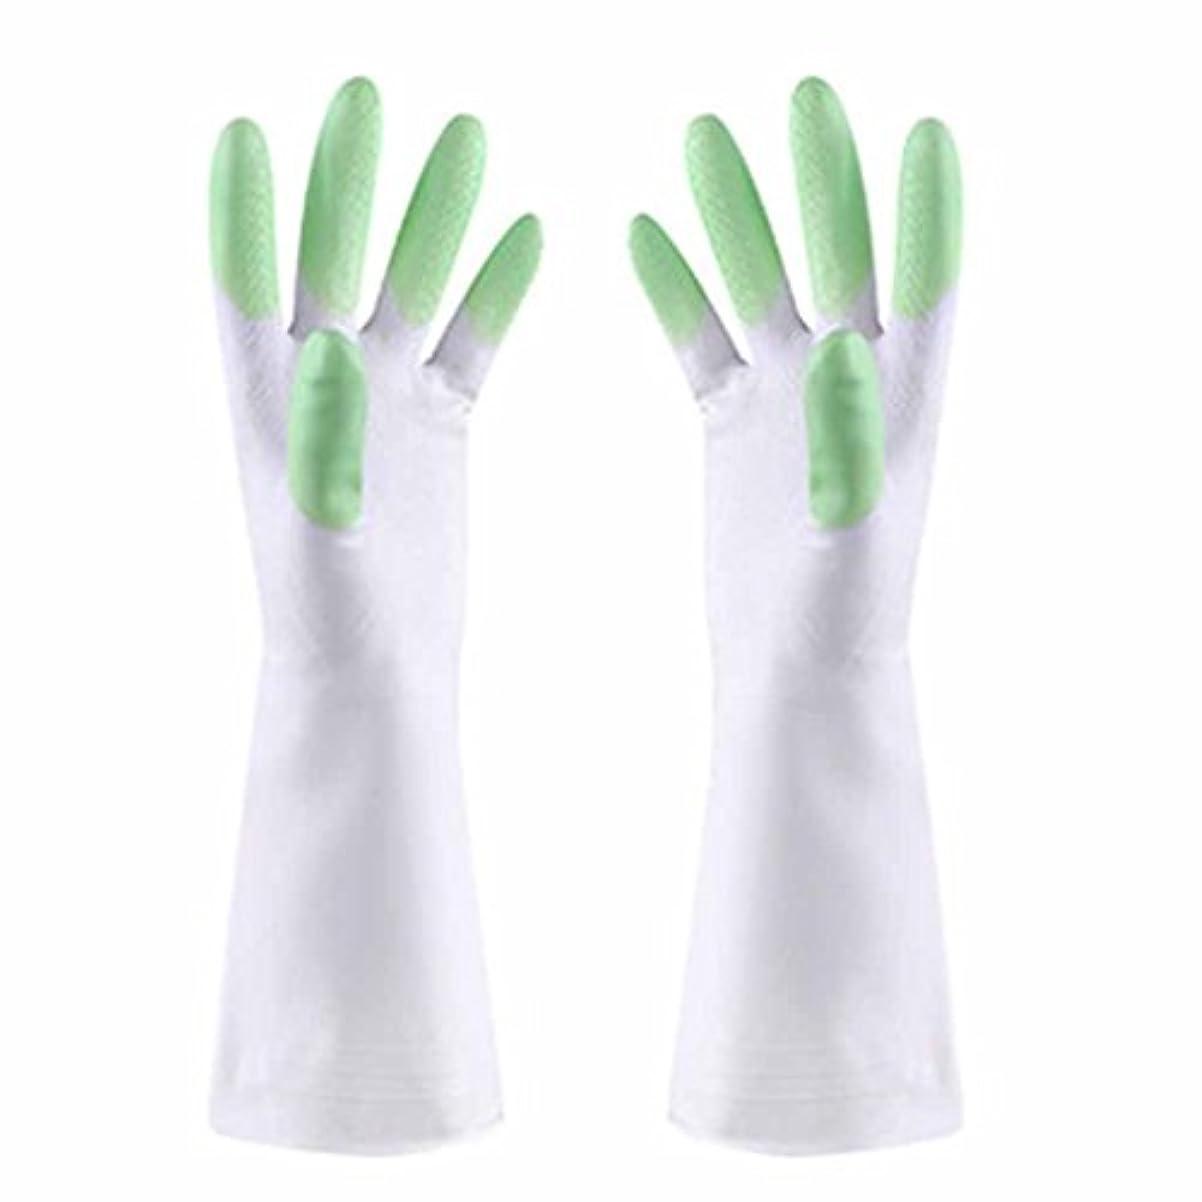 倫理ミルクロゴ使い捨て手袋 防水性と耐油性の薄い手袋PVCスマートで耐久性の高いキッチン多機能手袋 (Color : Green)